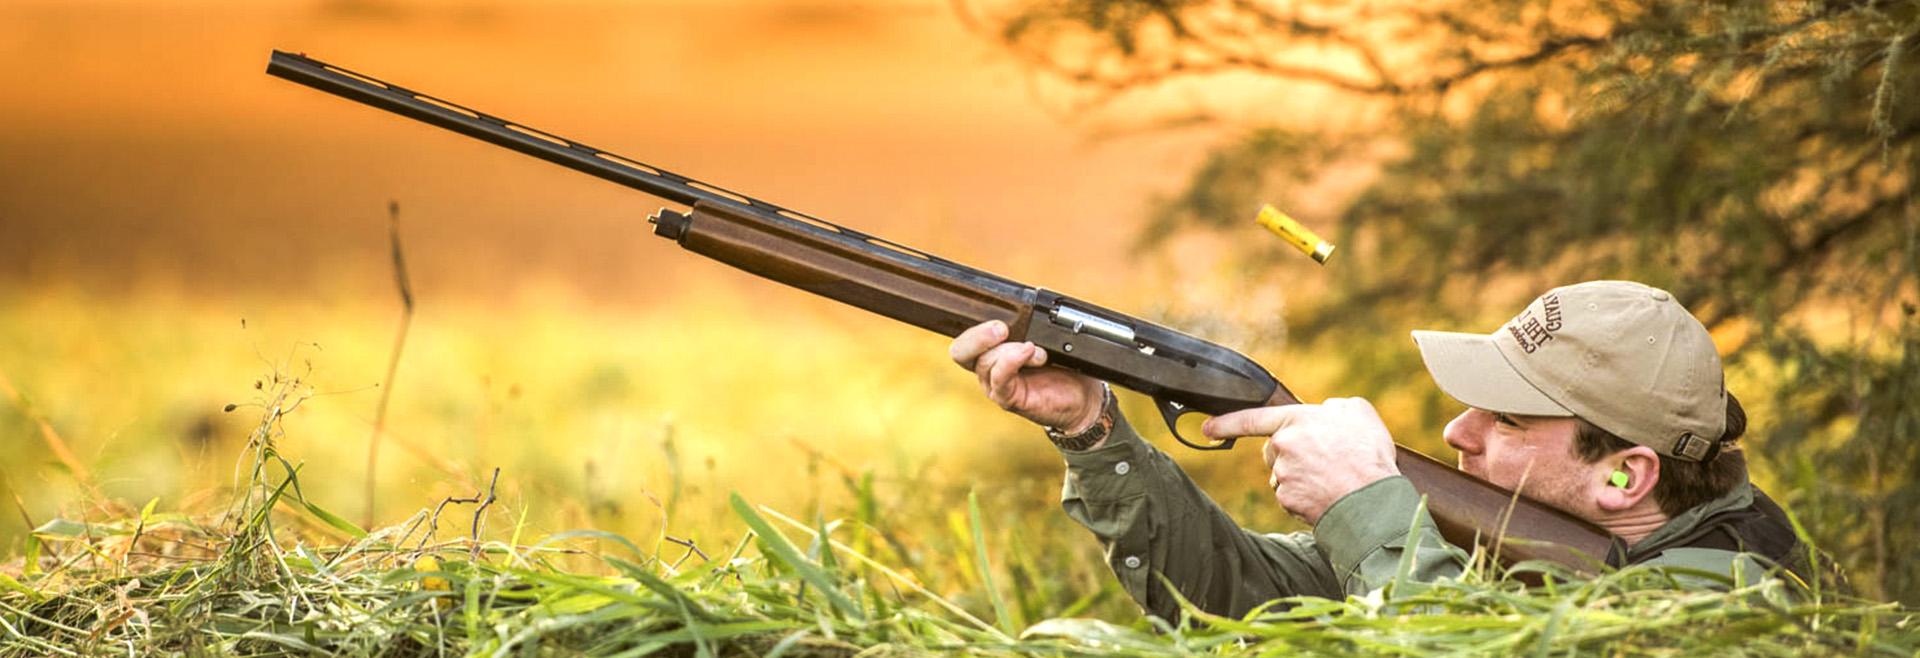 Conheça a documentação legal necessária ao exercício da caça